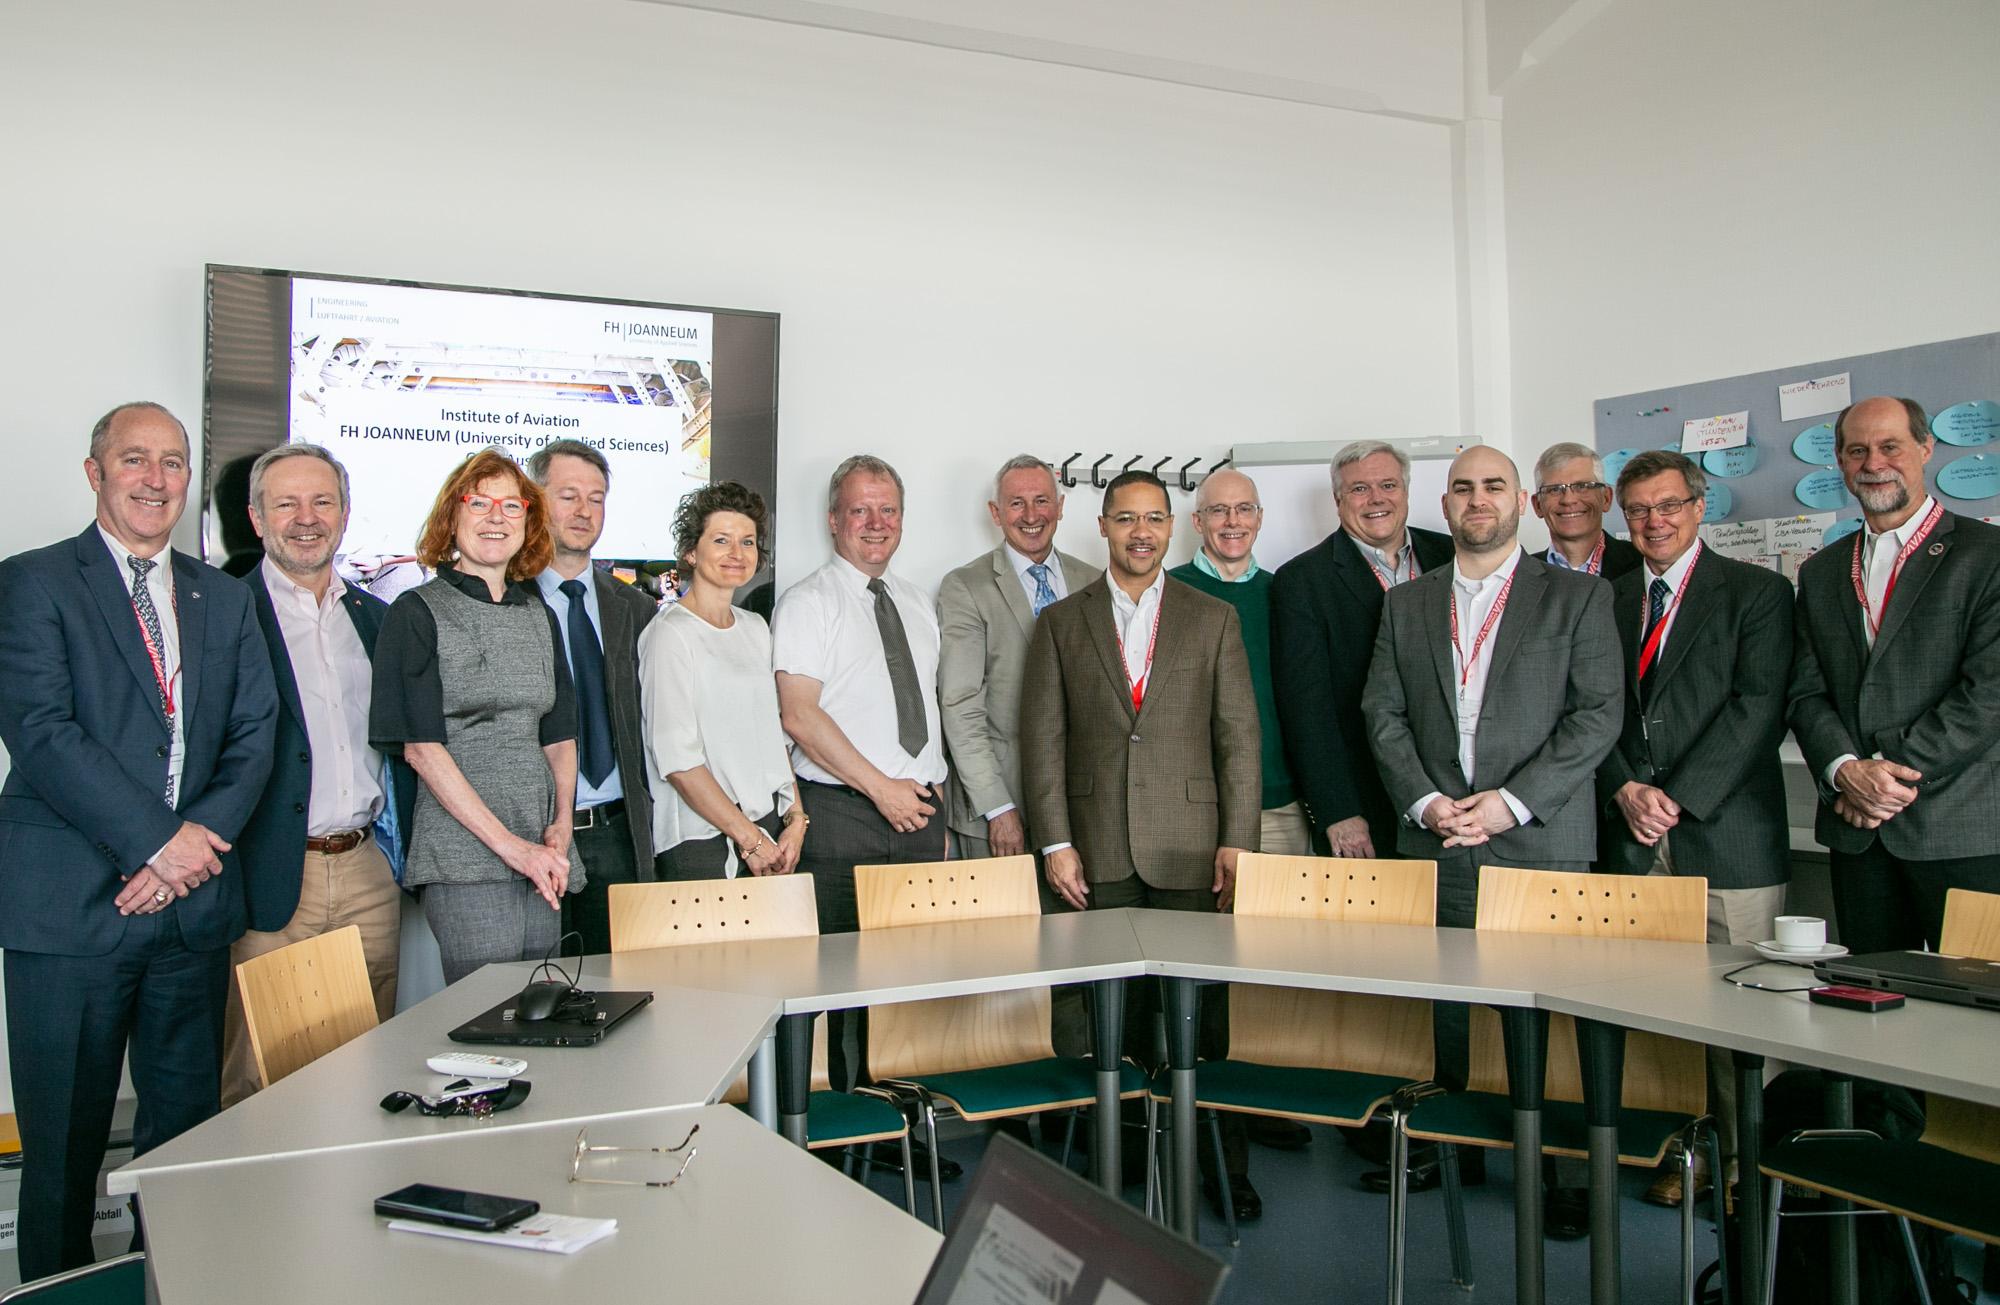 Gruppenfoto der US-Delegation